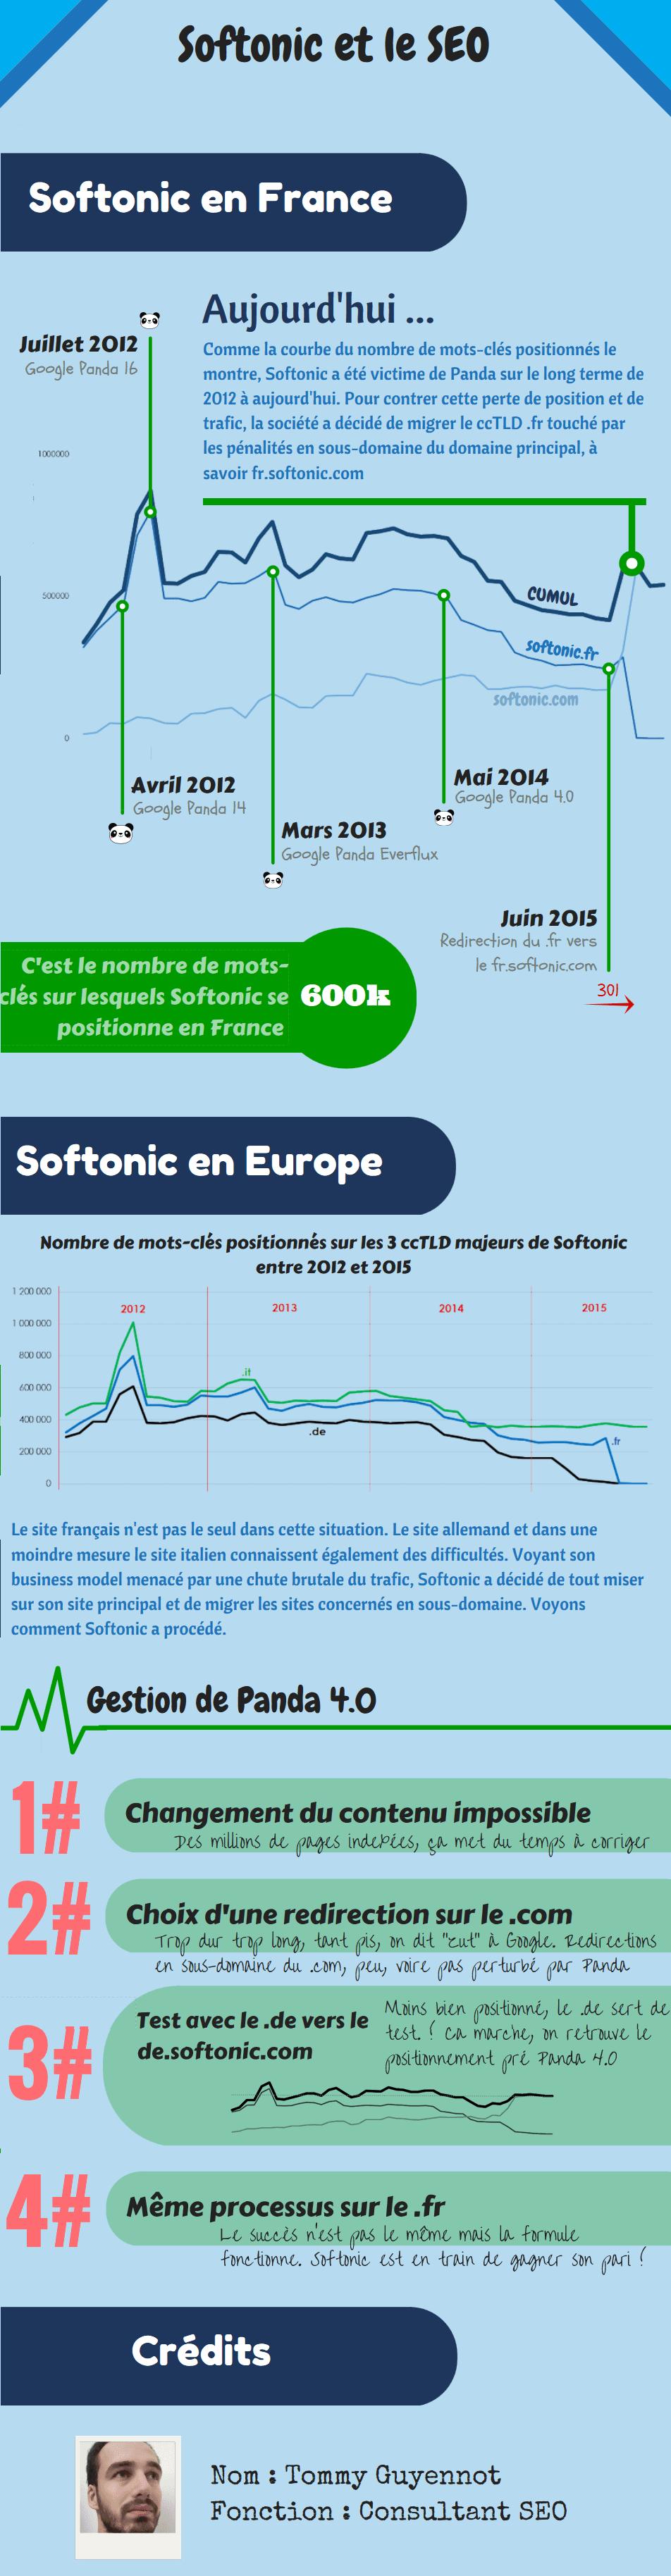 Infographie du study case SEO sur Softonic et sa lutte contre les pénalités